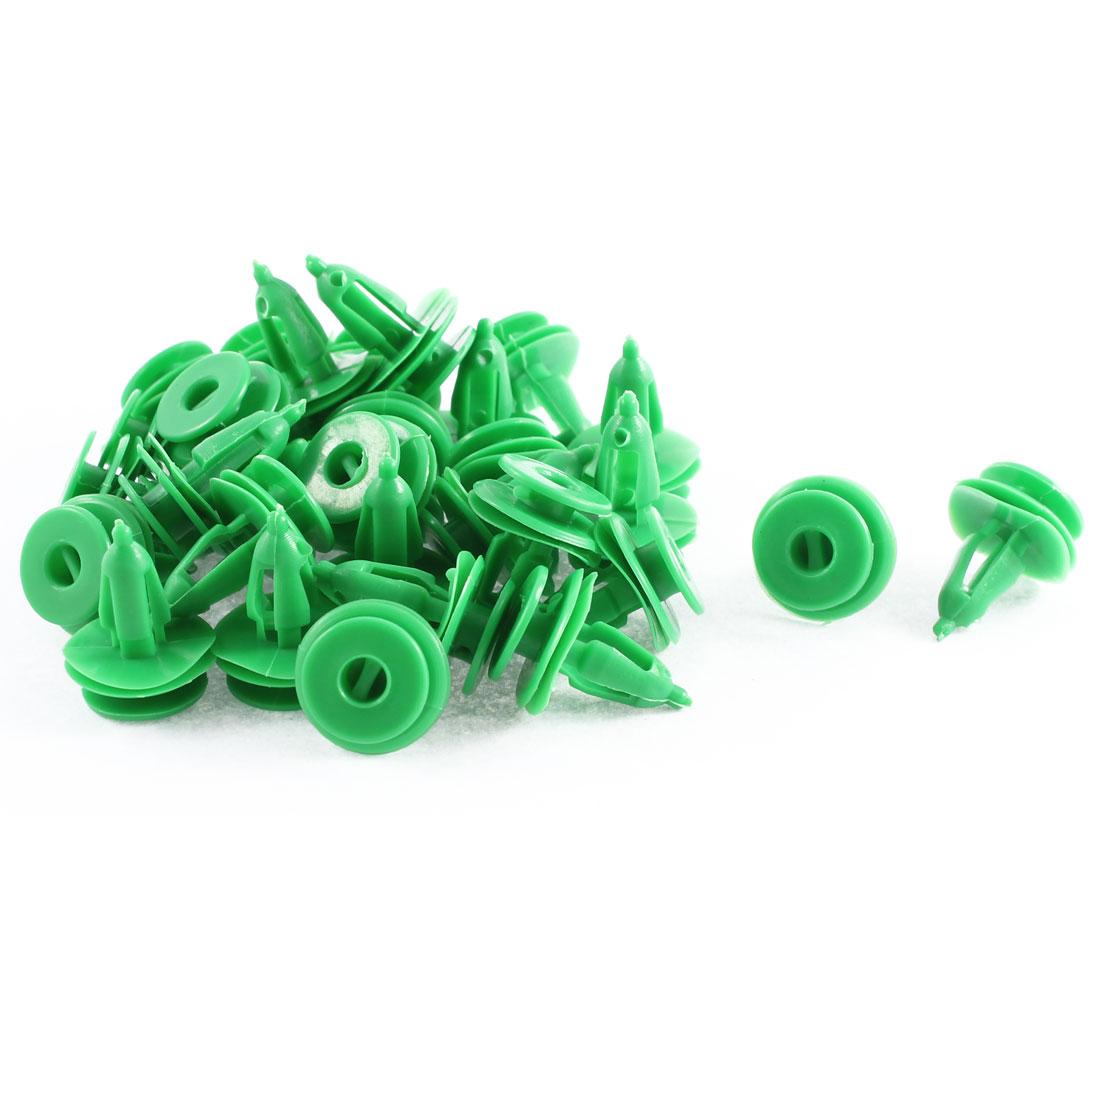 30 Pcs Green Plastic Splash Defender Moulding Fastener Mat Clips